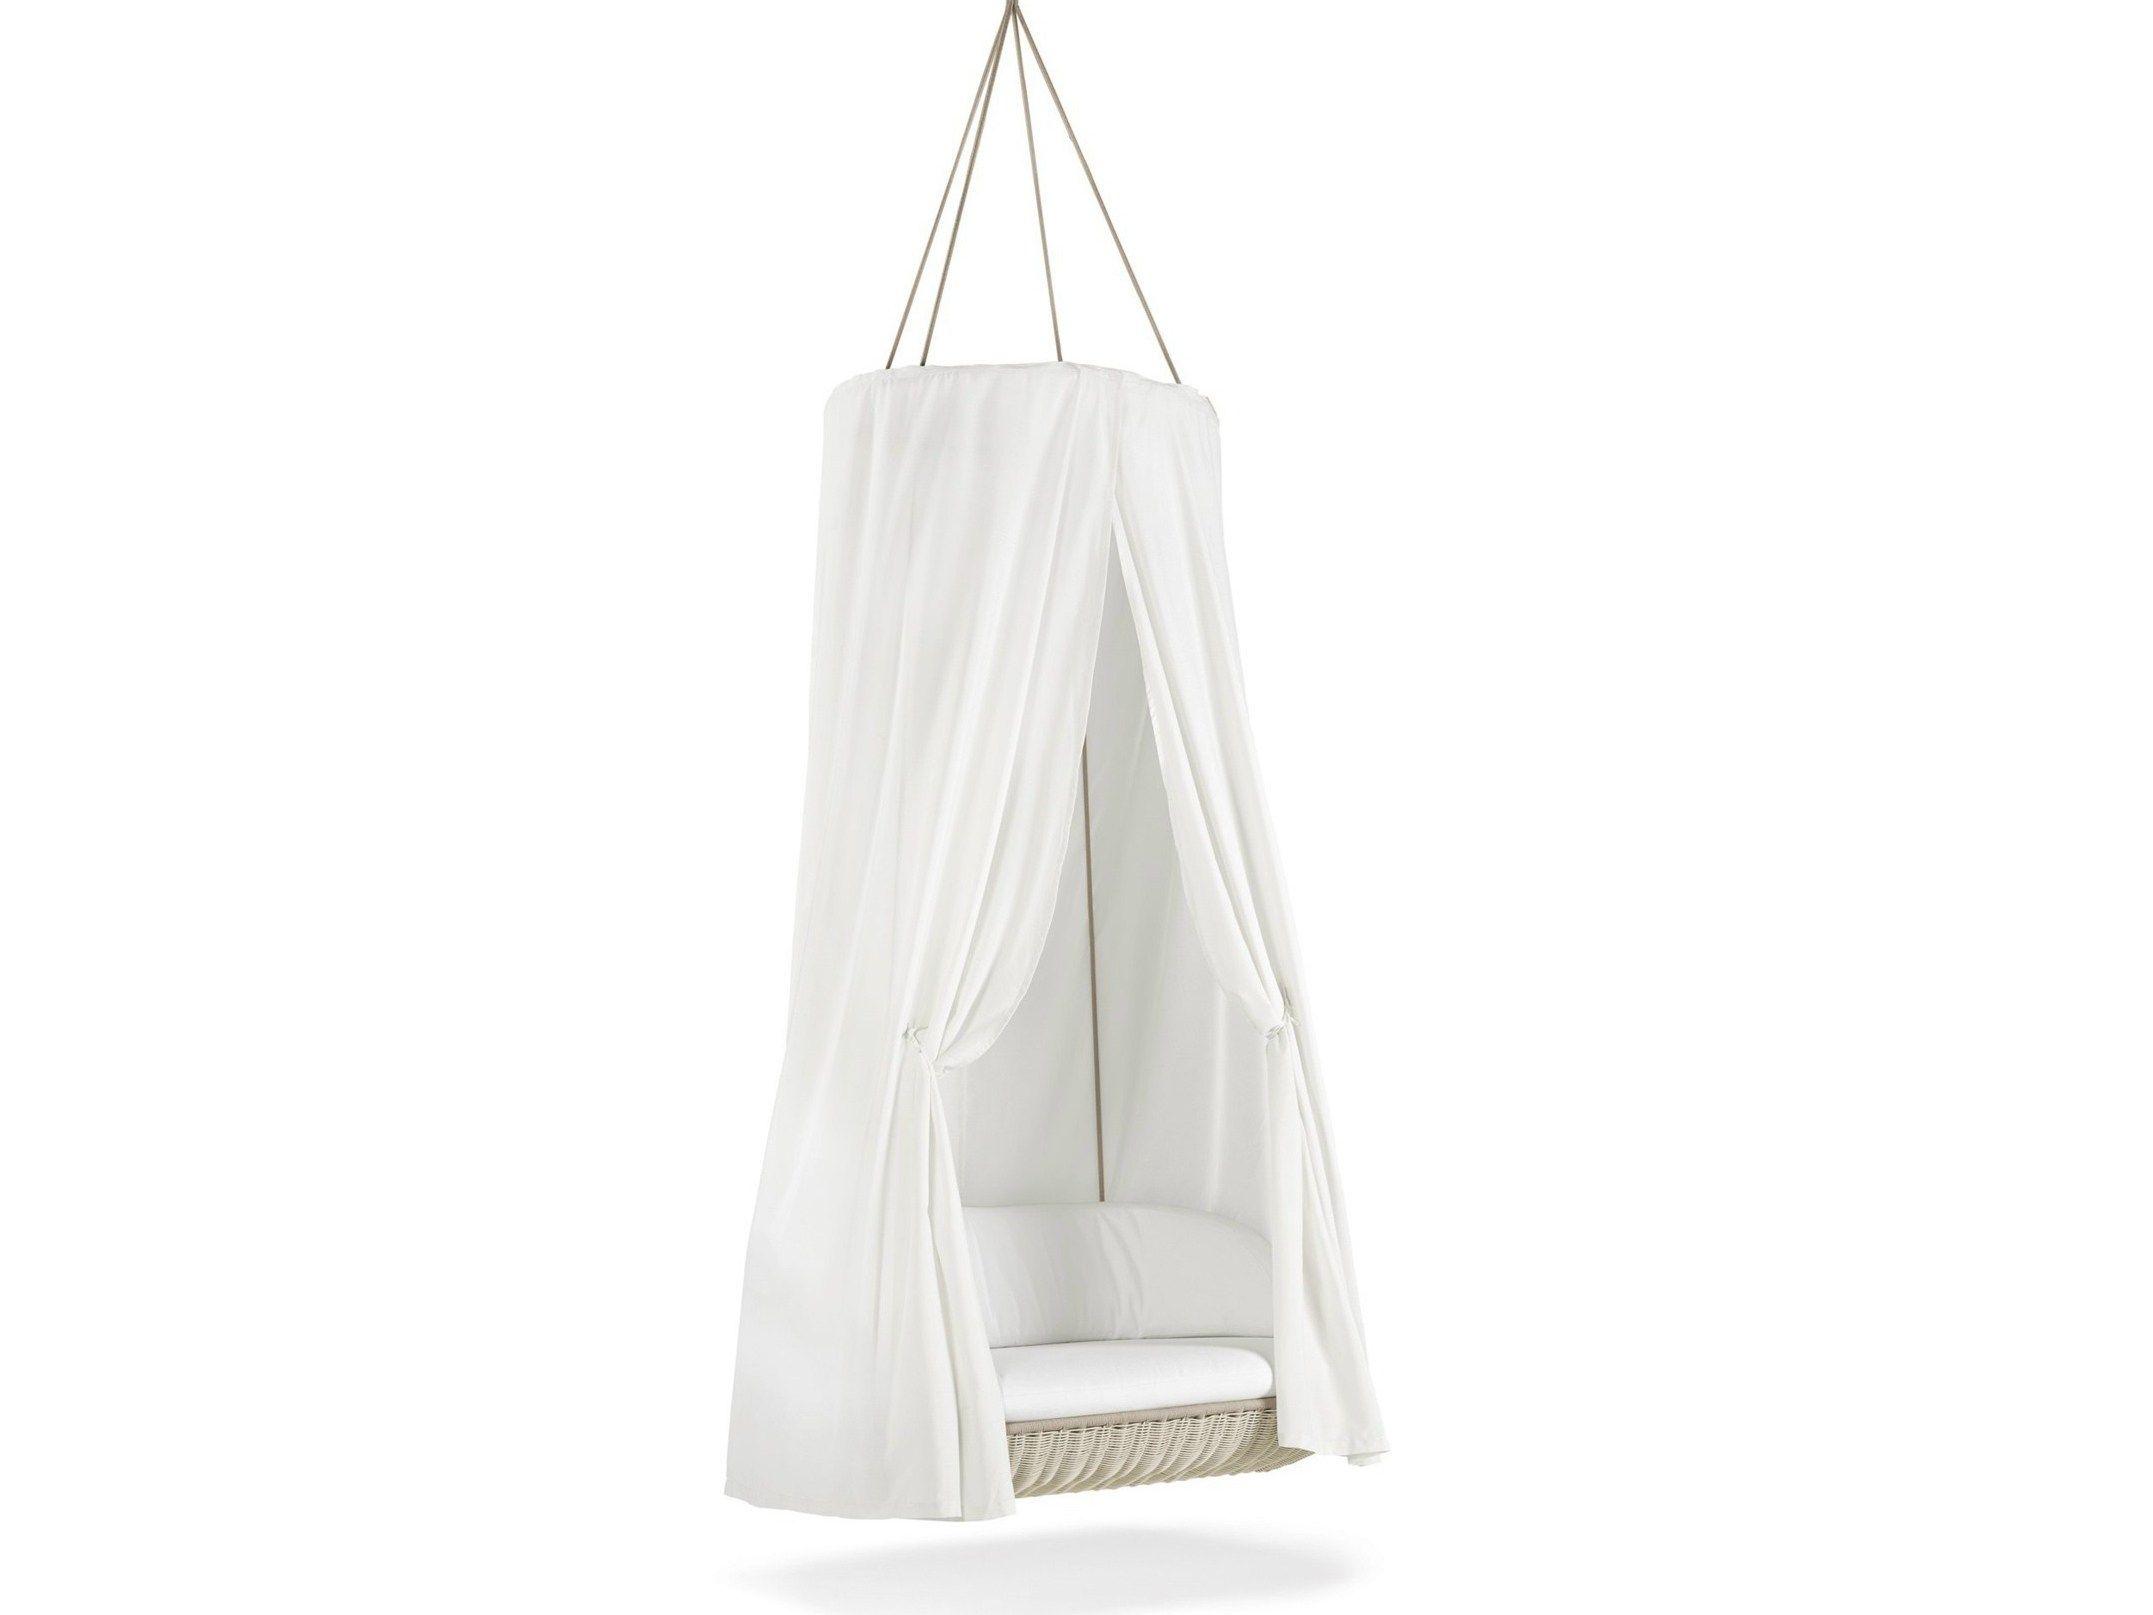 outdoor outdoor furniture garden hanging chairs